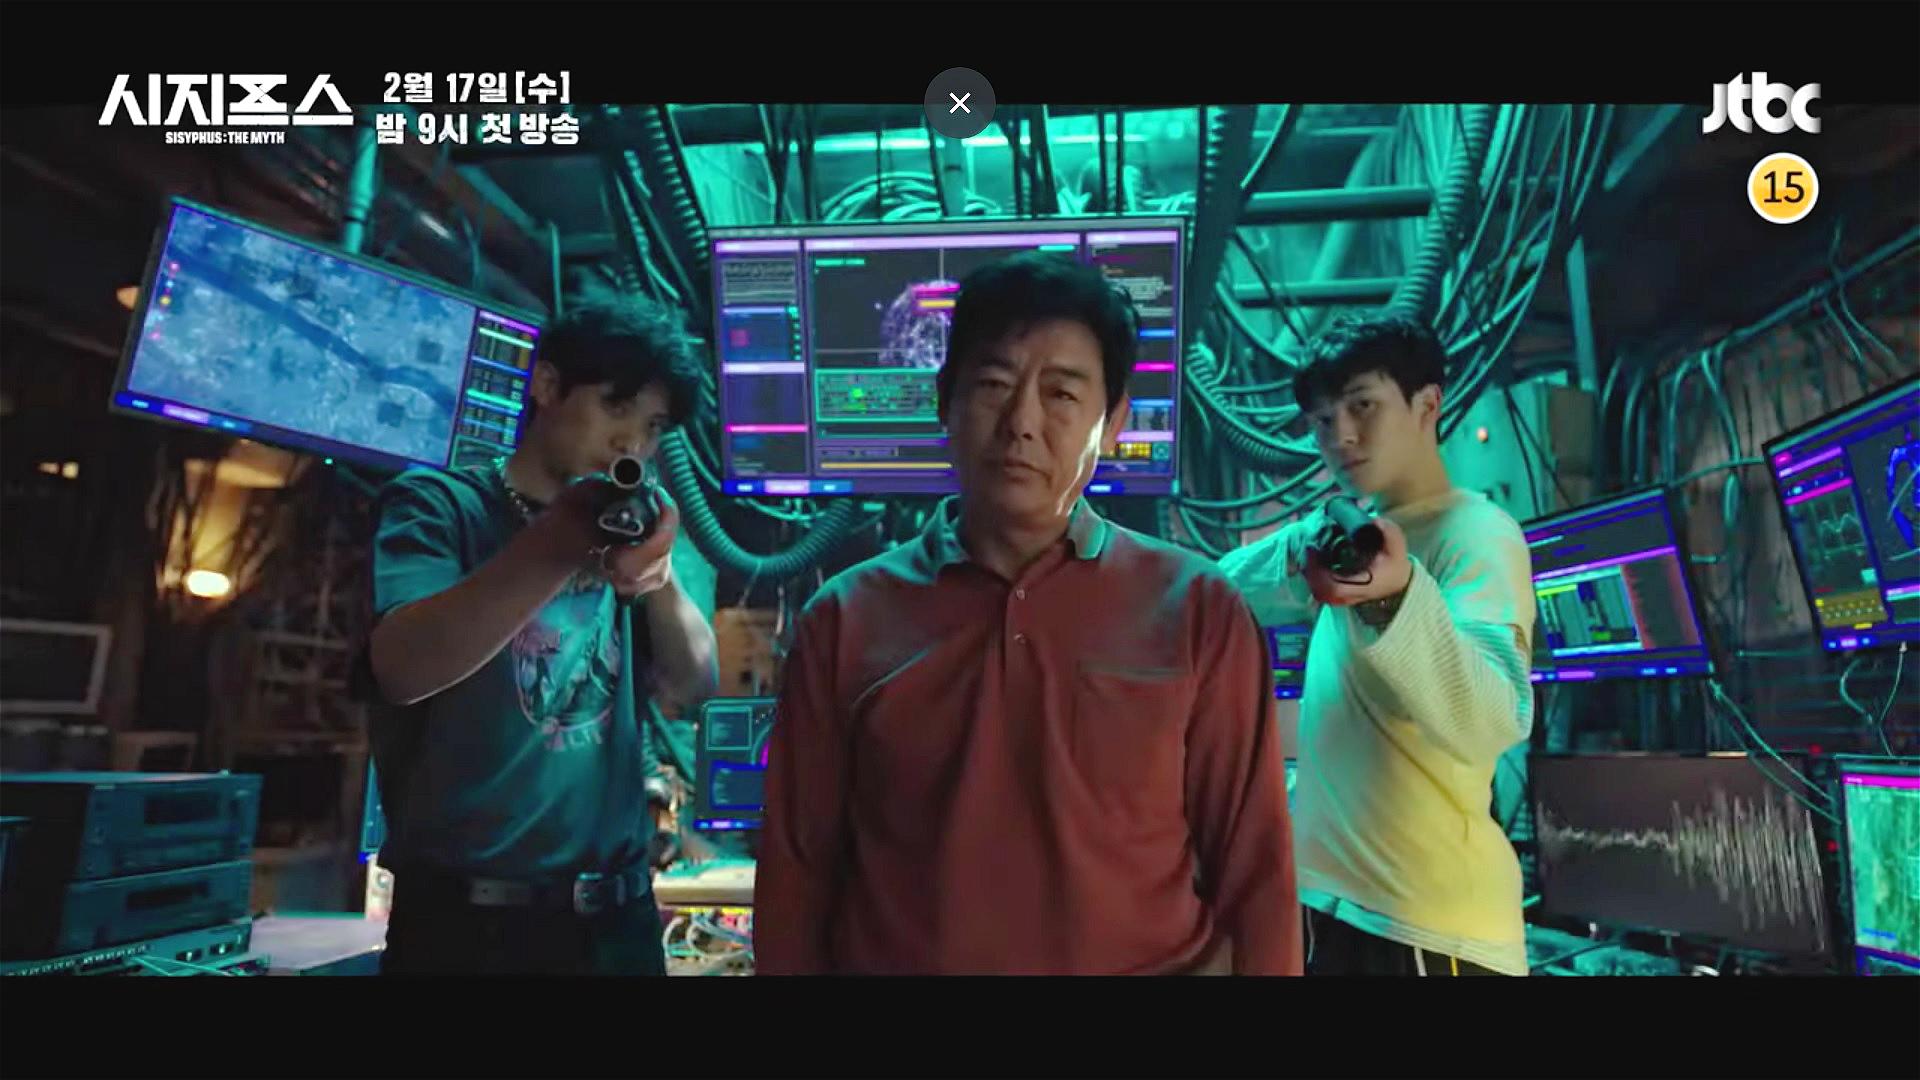 韩剧推荐:《西西弗斯》——科幻大戏,主演:曹承佑、朴信惠